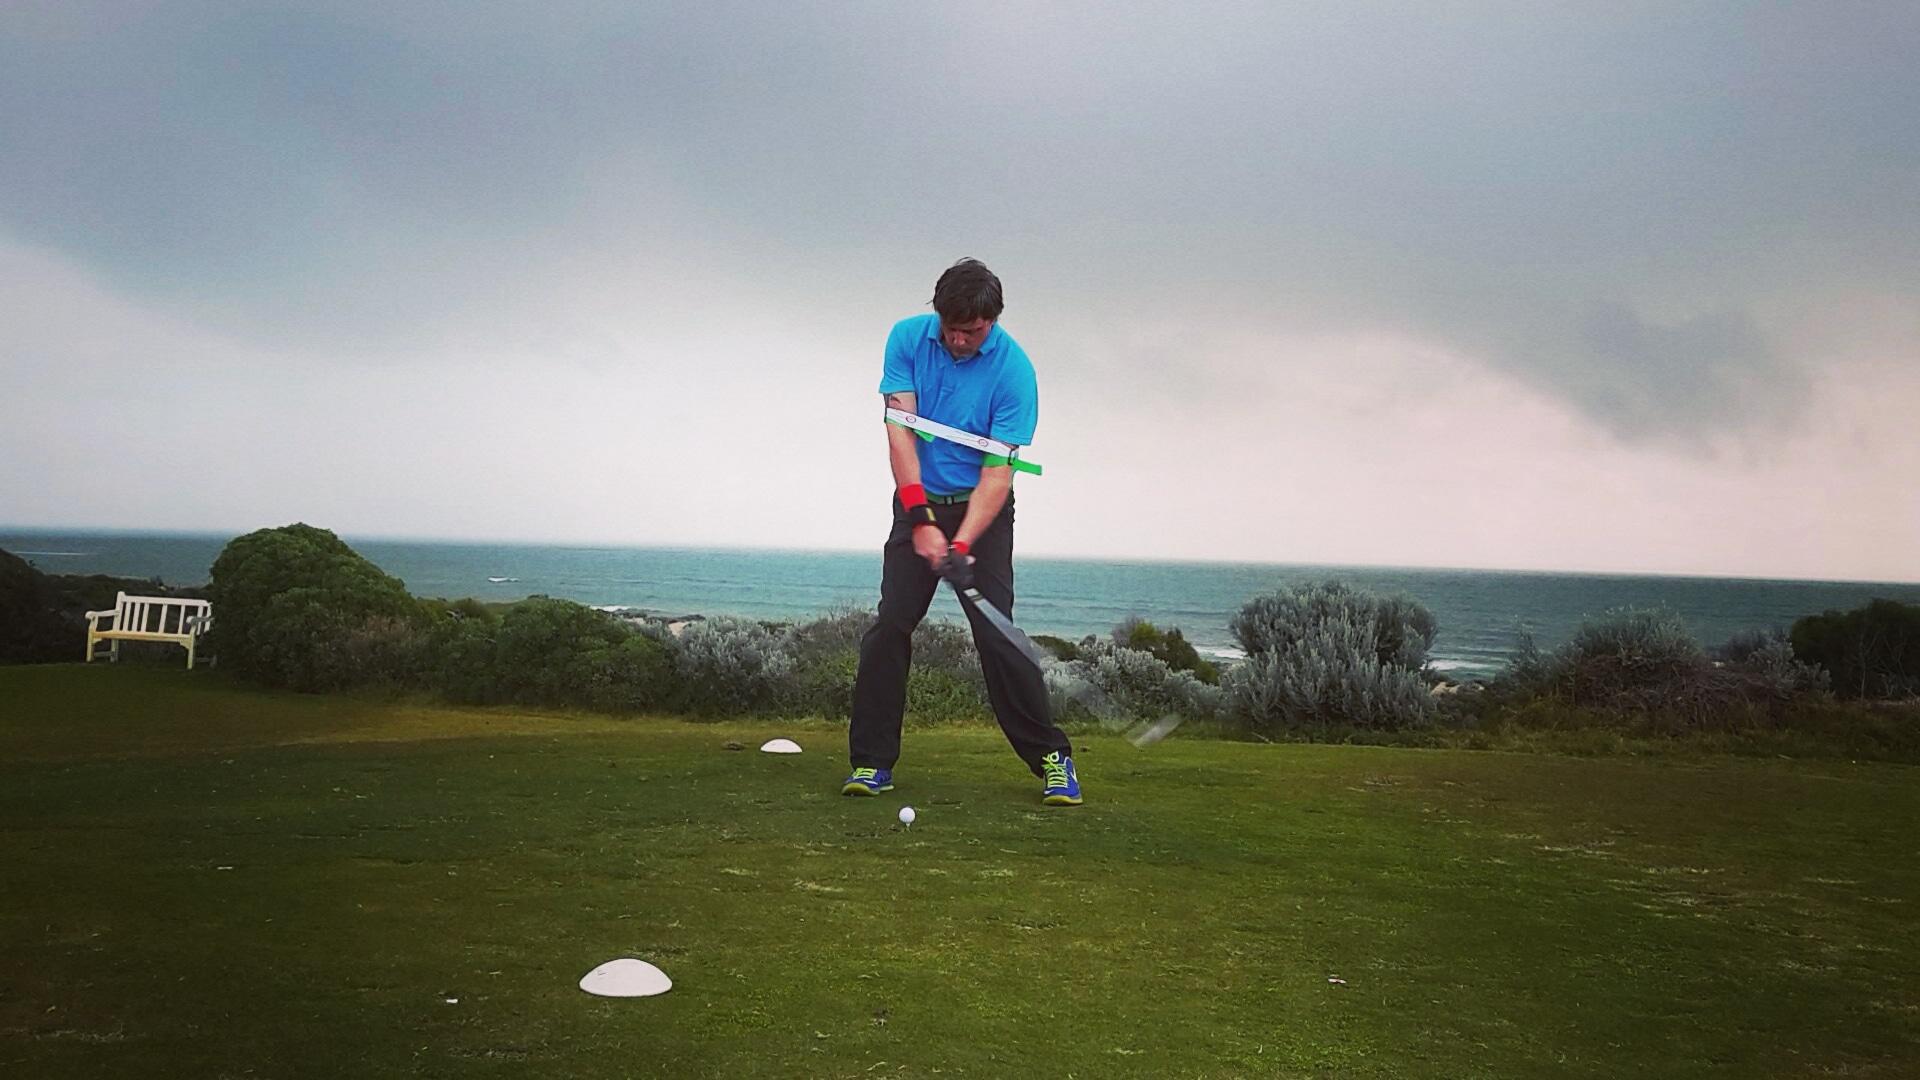 골프 프리사이스-57 파워 골프스윙연습기는 ball striking을 향상하는 데 도움을 줄 수 있습니다.